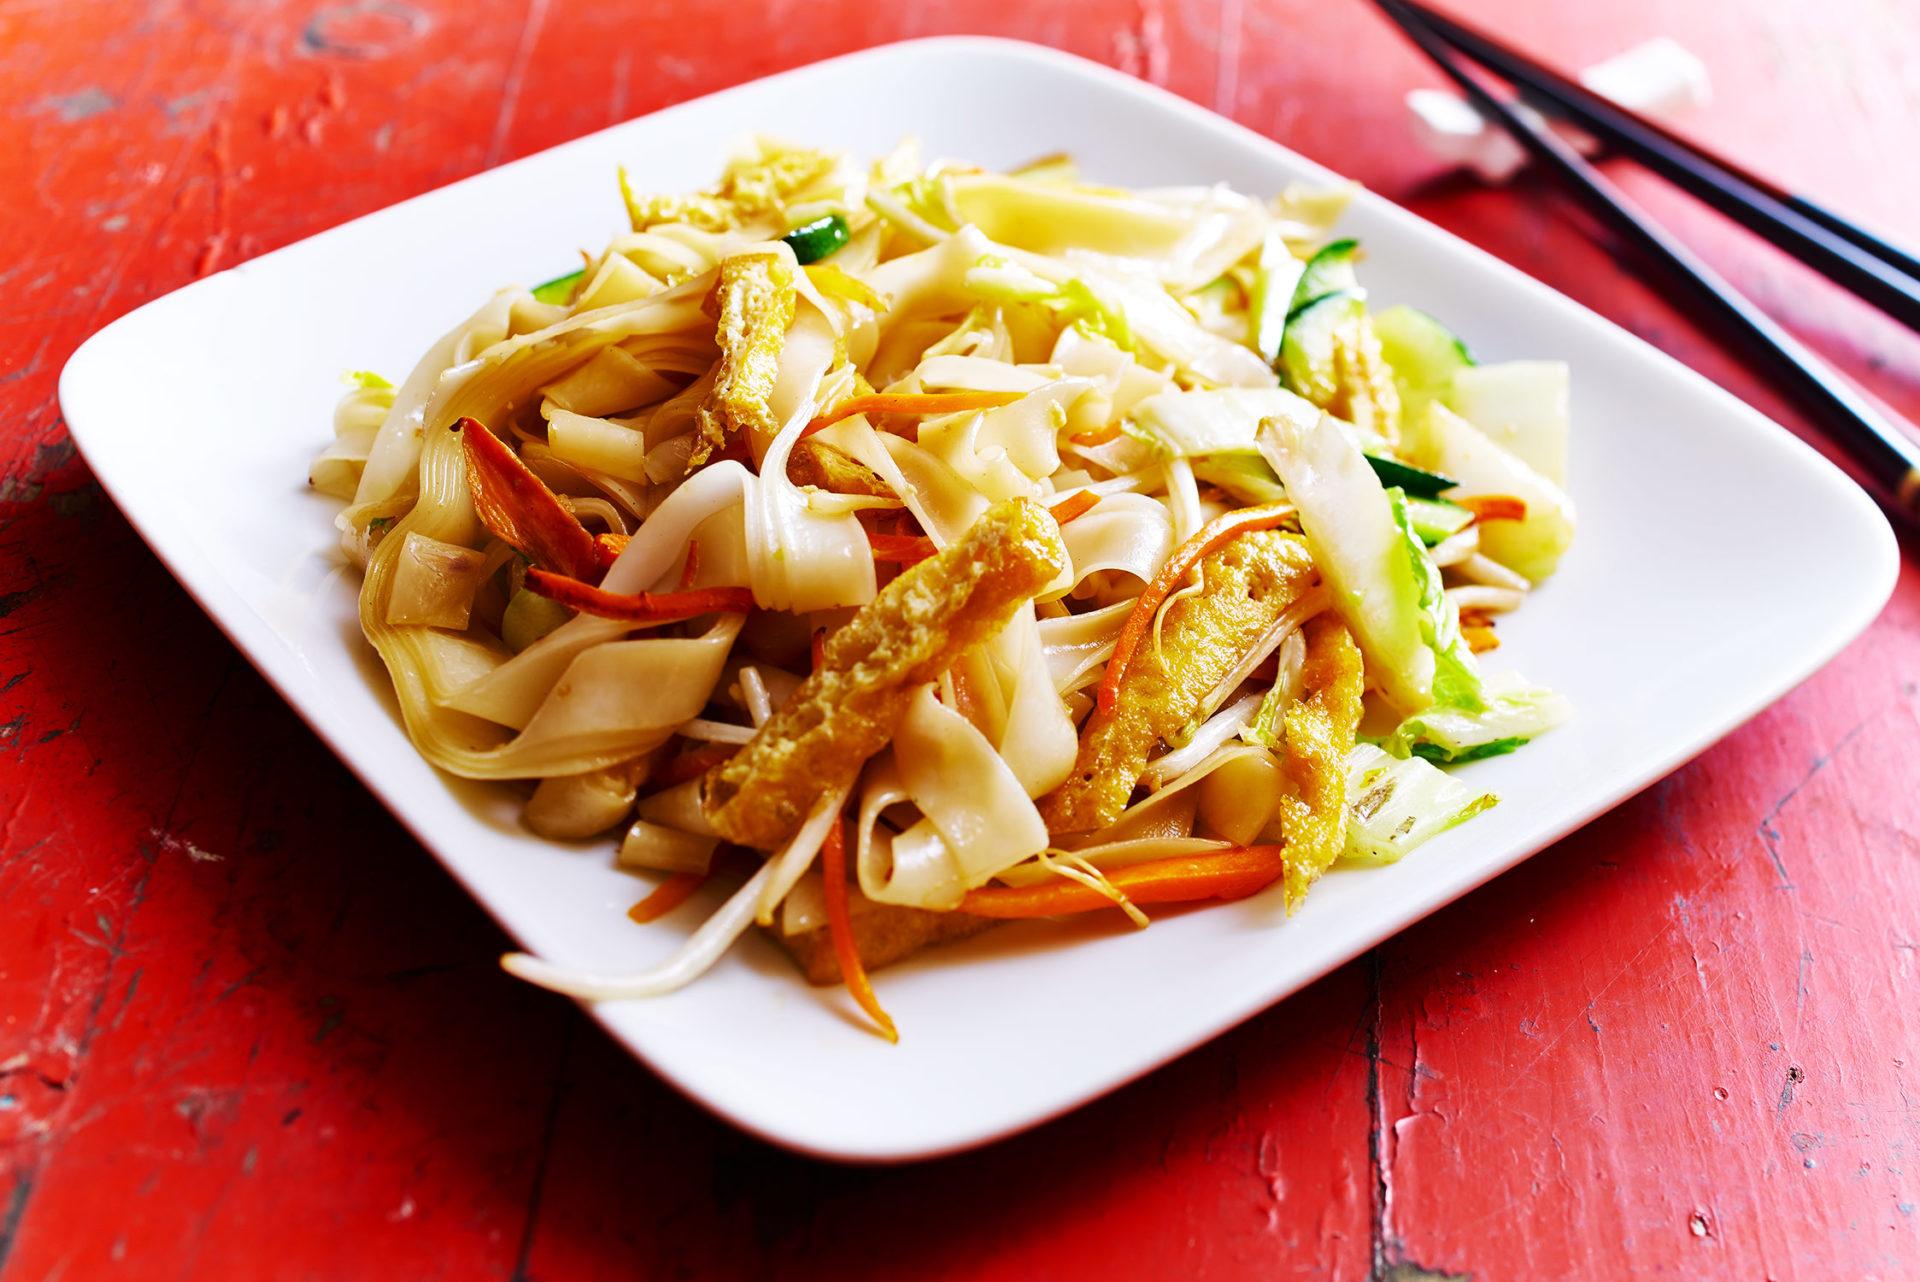 Reisbandnudeln, gebraten mit Hühnerfleisch und Gemüse